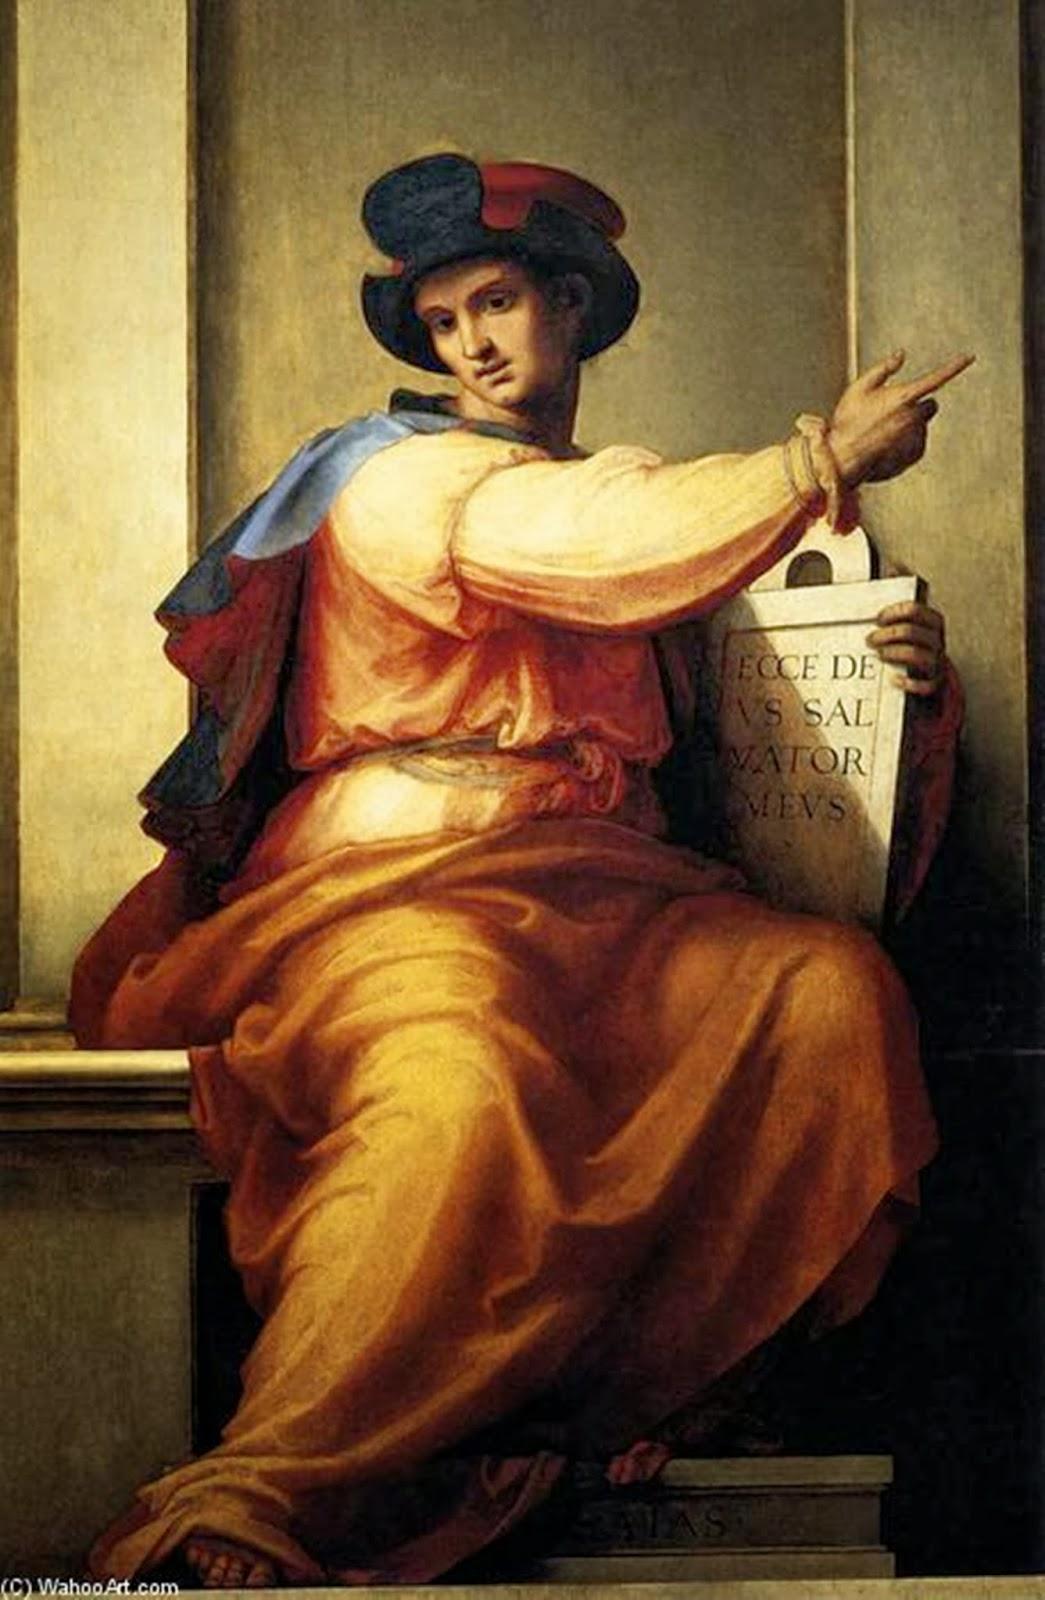 Profeta Isaías, pintura de Fra Bartolomeo. Embora bela, a arte renascentista não retratou a cultura hebraica com fidelidade. Isaías com certeza tinha barba